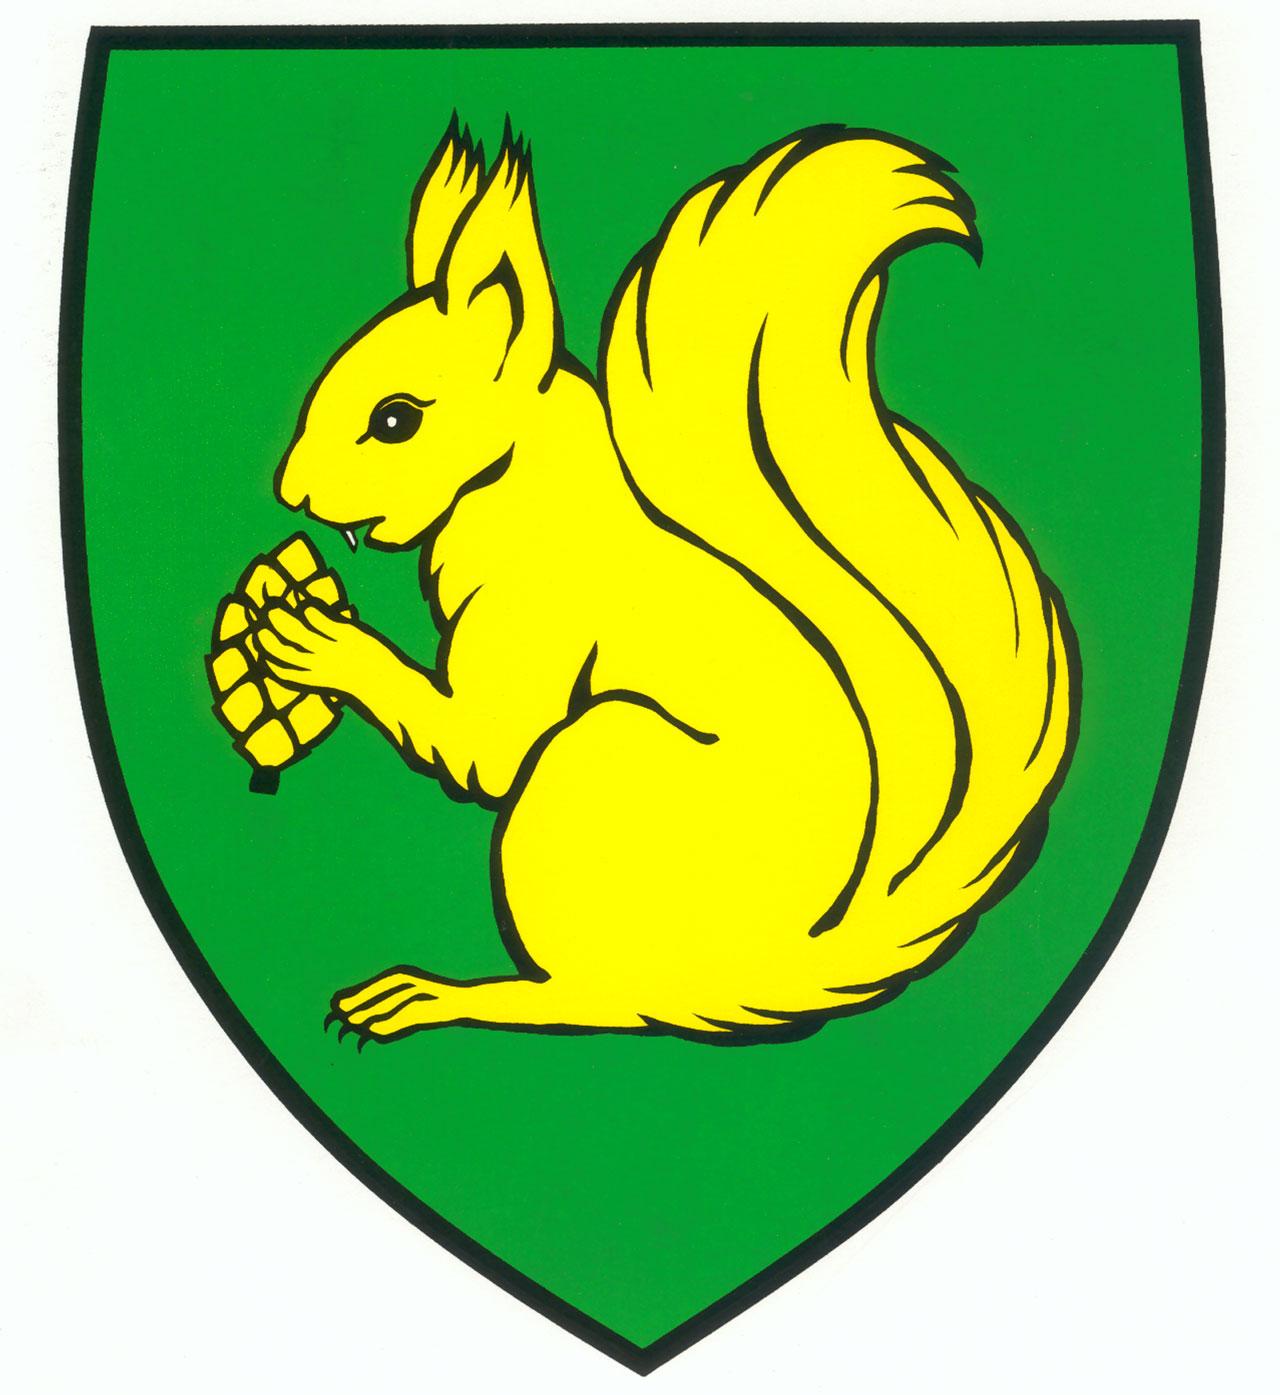 Wappen Mieterkingen mit Abbildung eines Eichhörnchen und einer Eichel in gelb auf grünem Grund